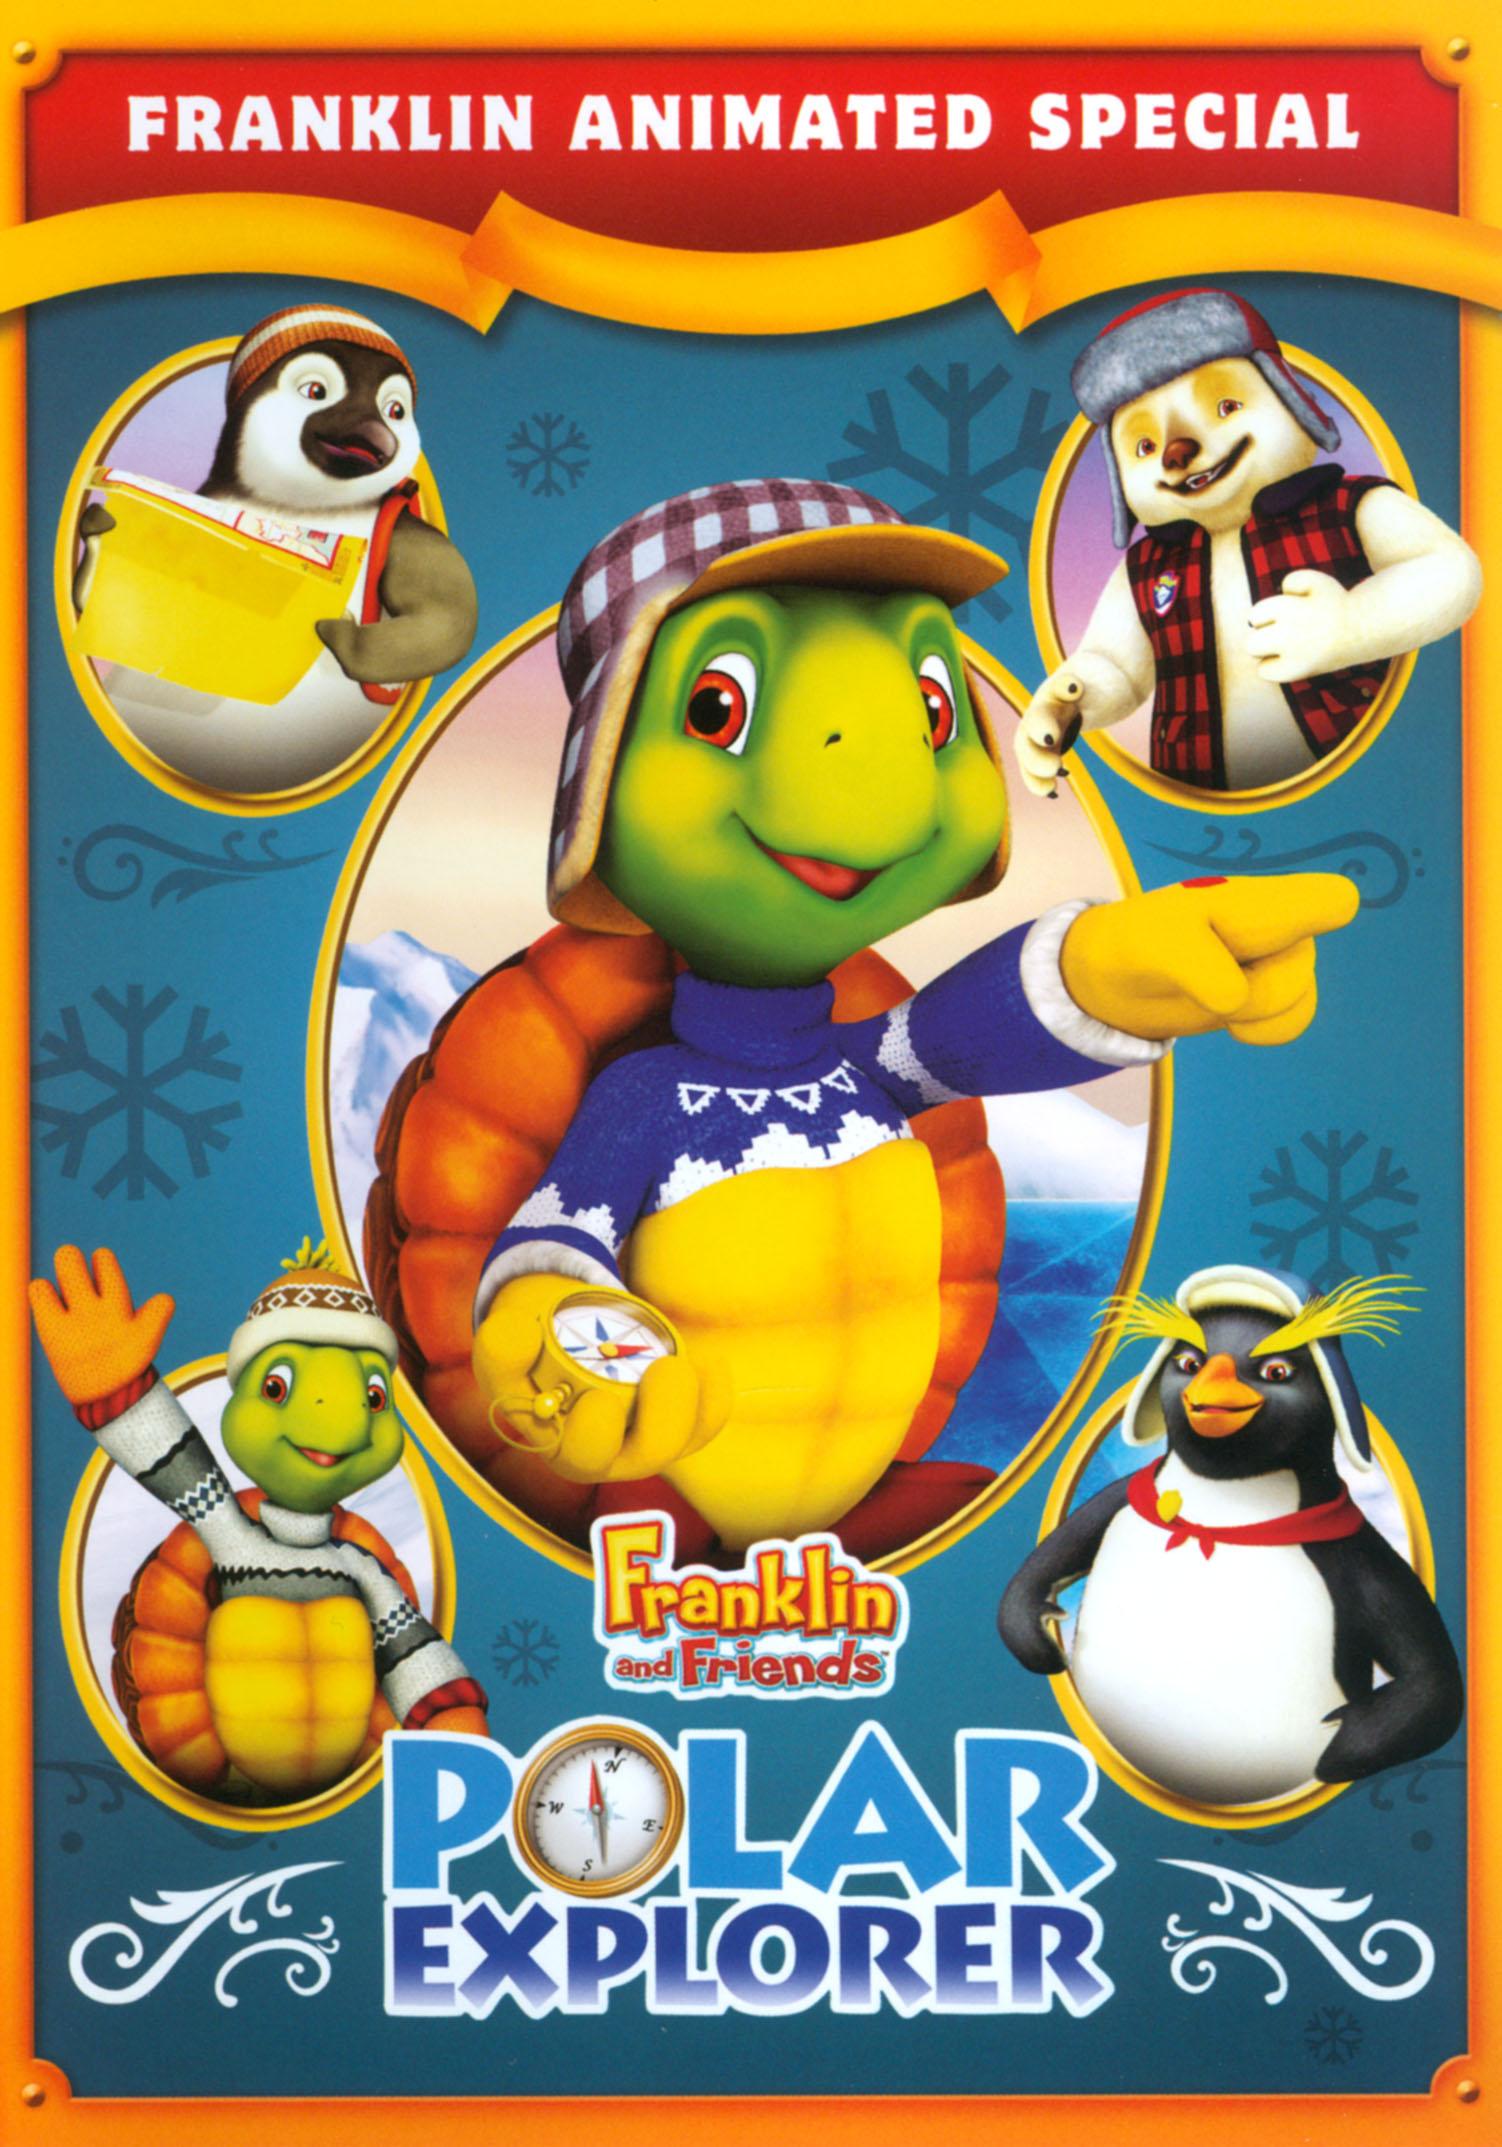 Franklin and Friends: Polar Explorer